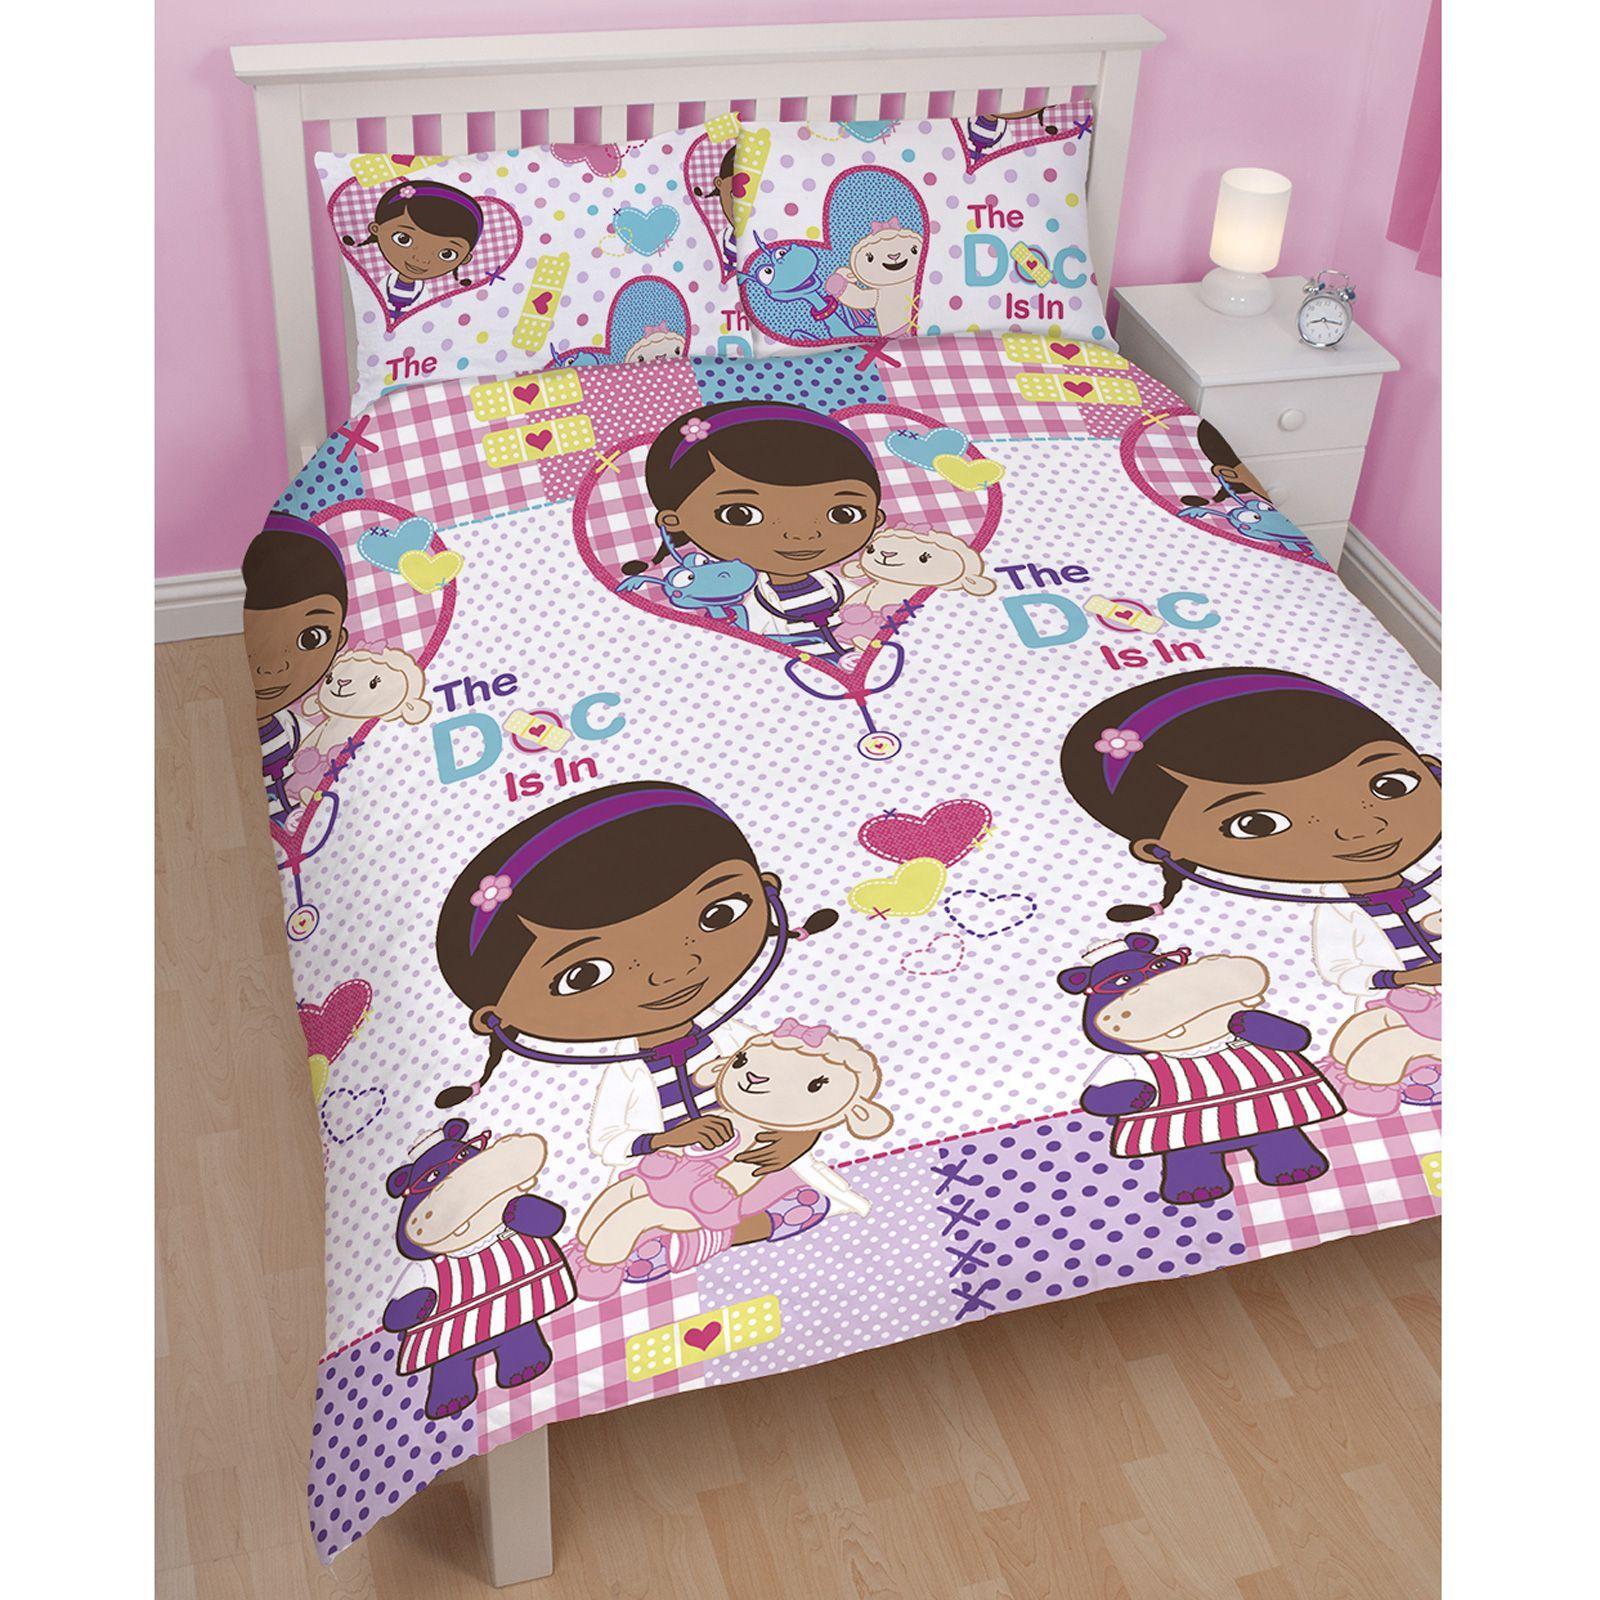 doc mcstuffins bedding sets   about doc mcstuffins